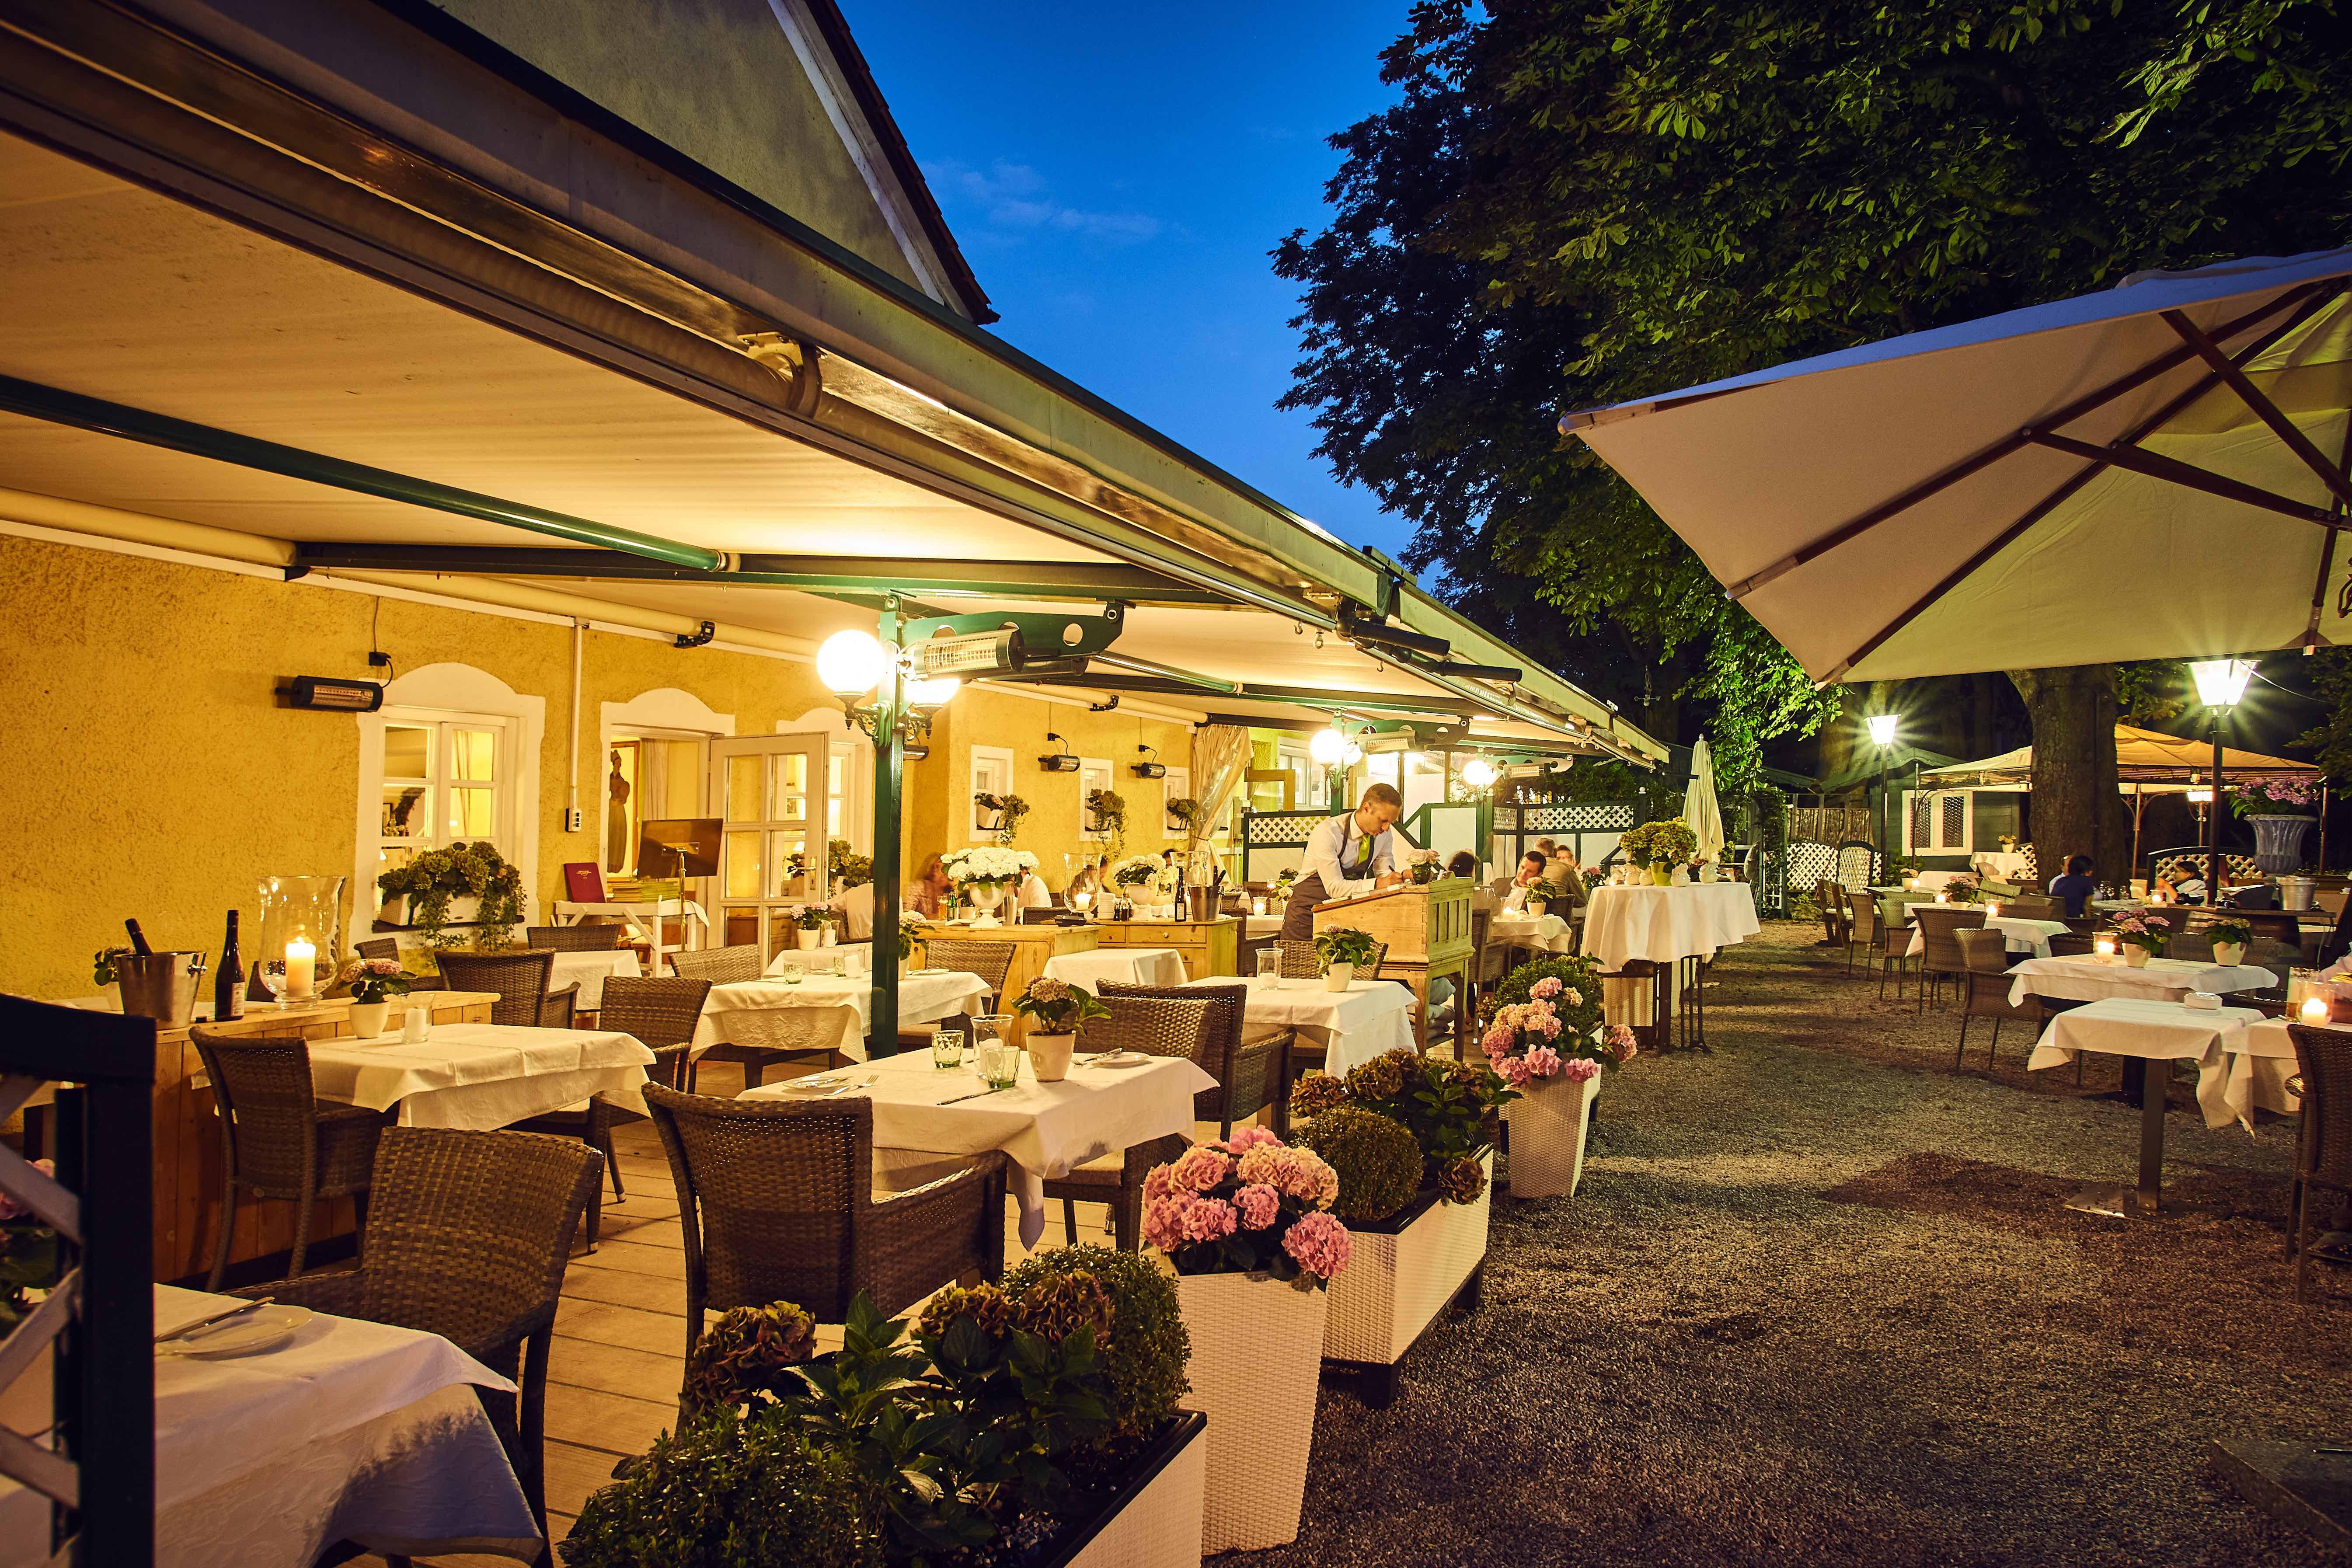 Romantischer Gastgarten mit exklusiver Küche!